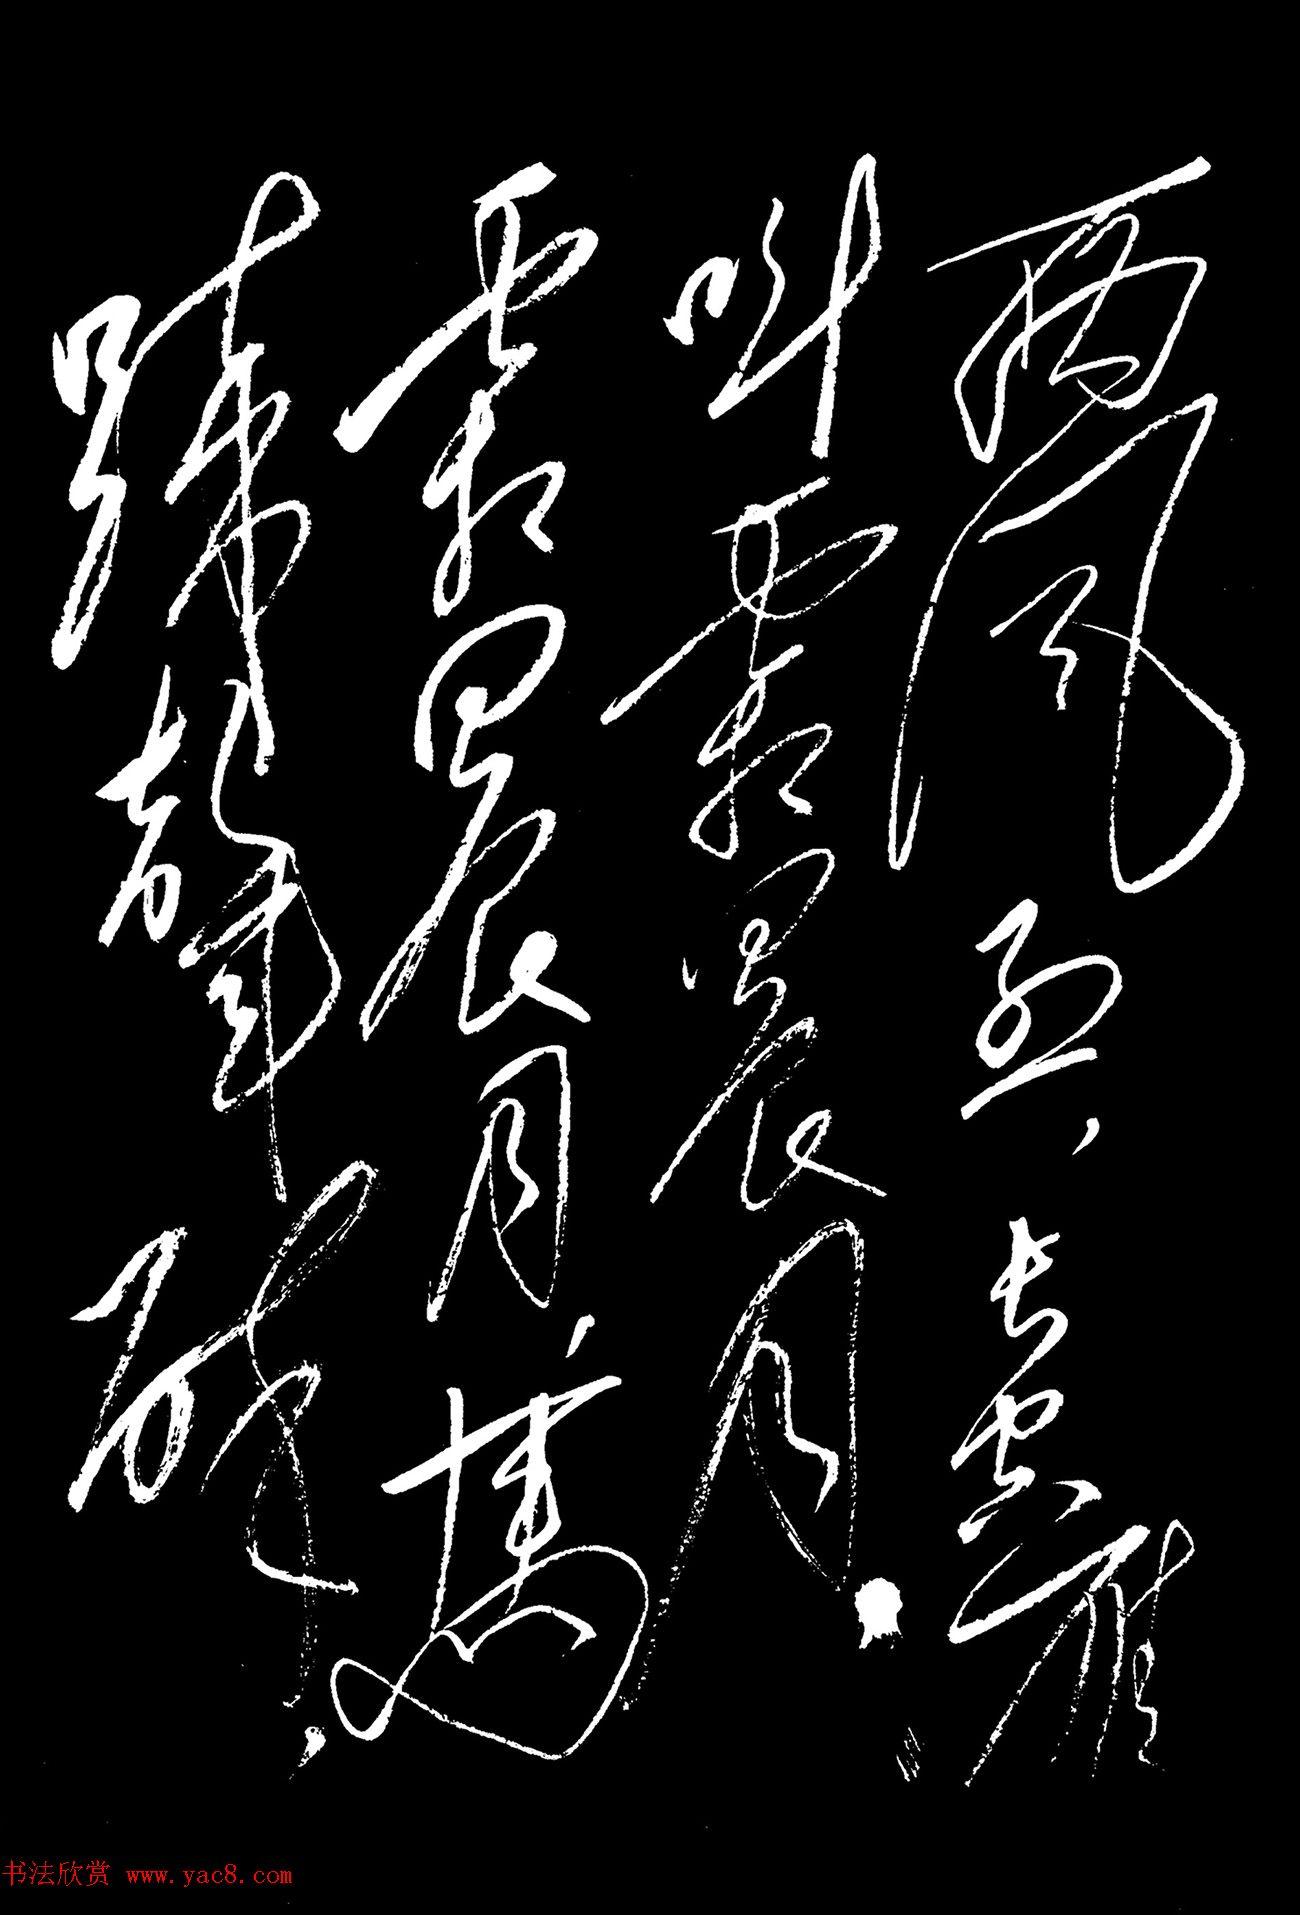 毛泽东行草书法《忆秦娥·娄山关》